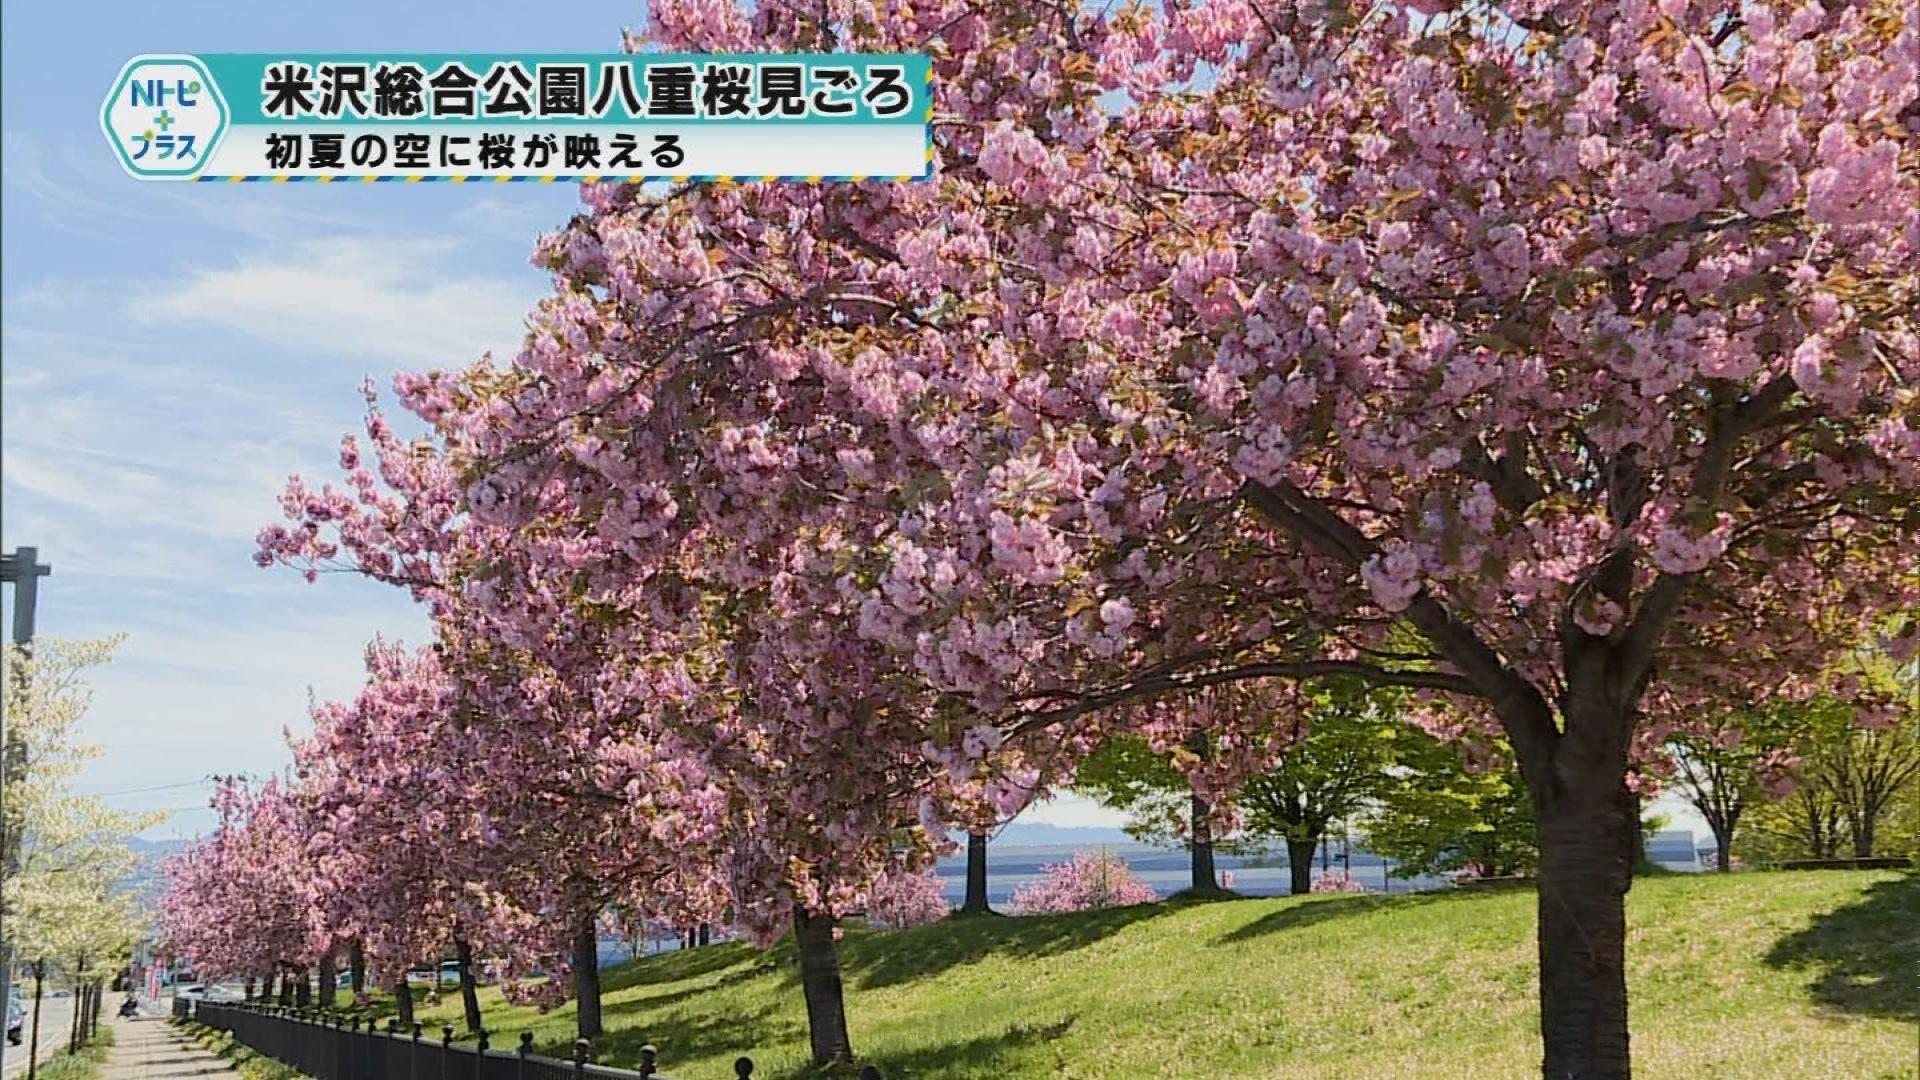 「米沢総合公園八重桜見ごろ」初夏の空に桜が映える